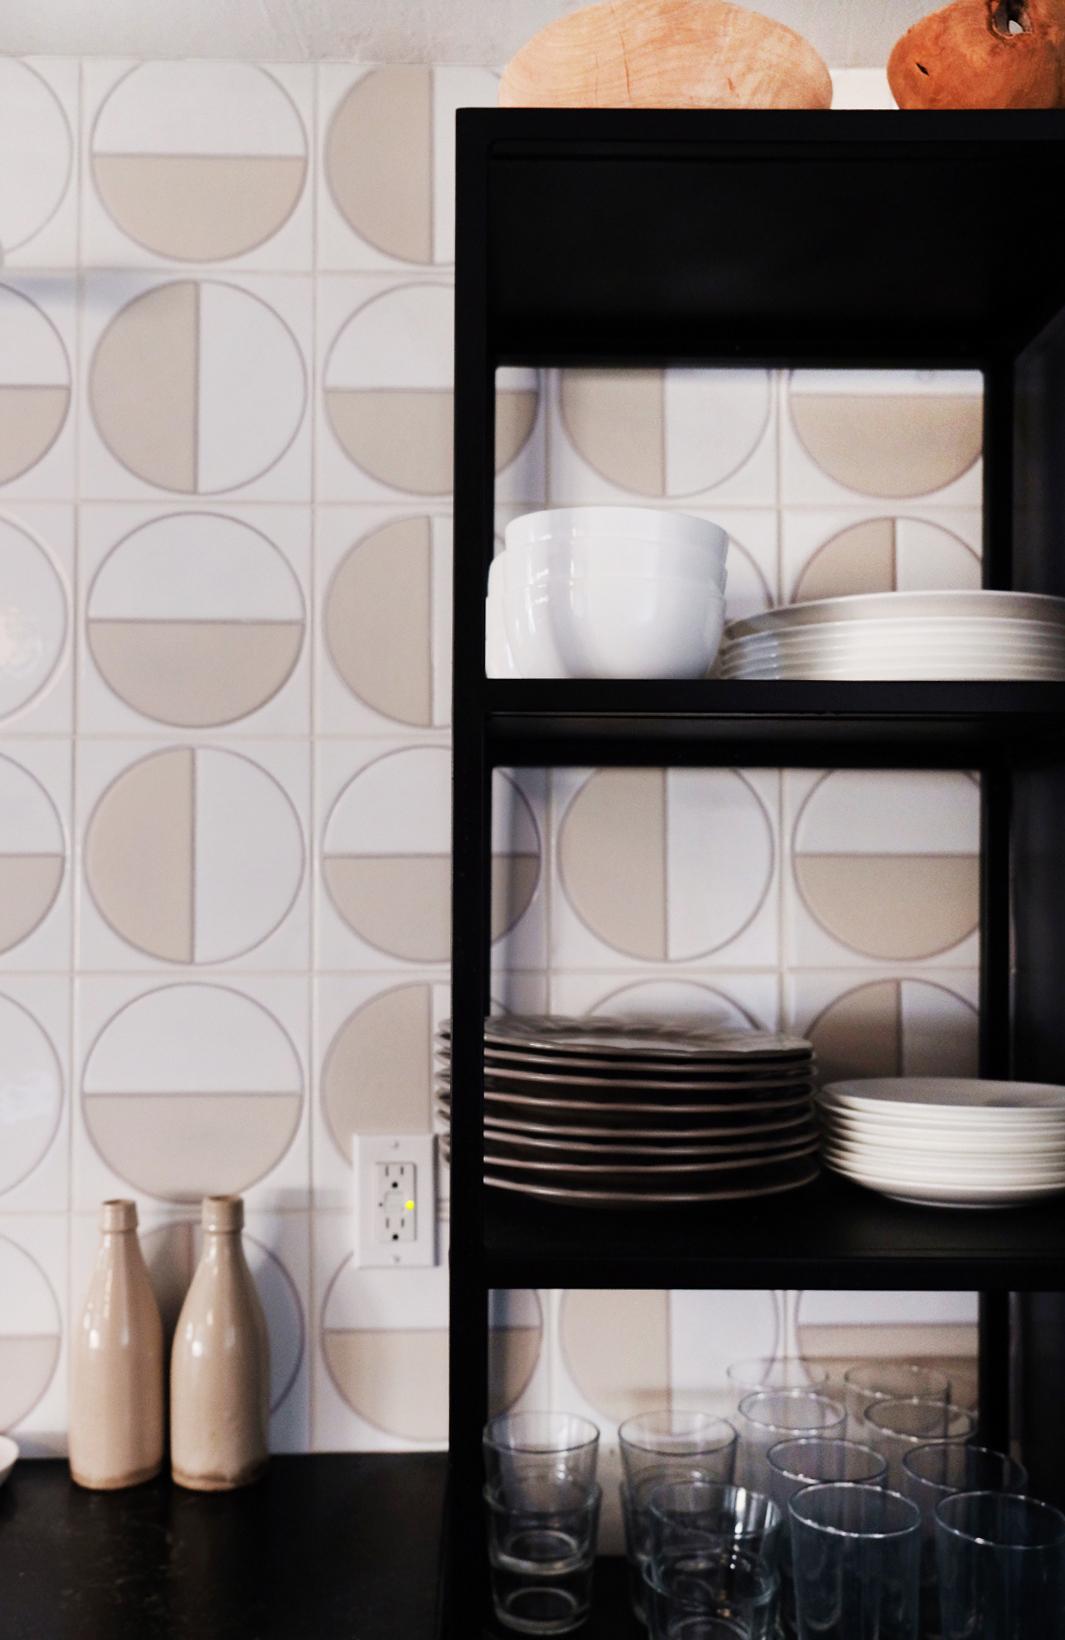 Handpainted Harvest tiles in White Motif